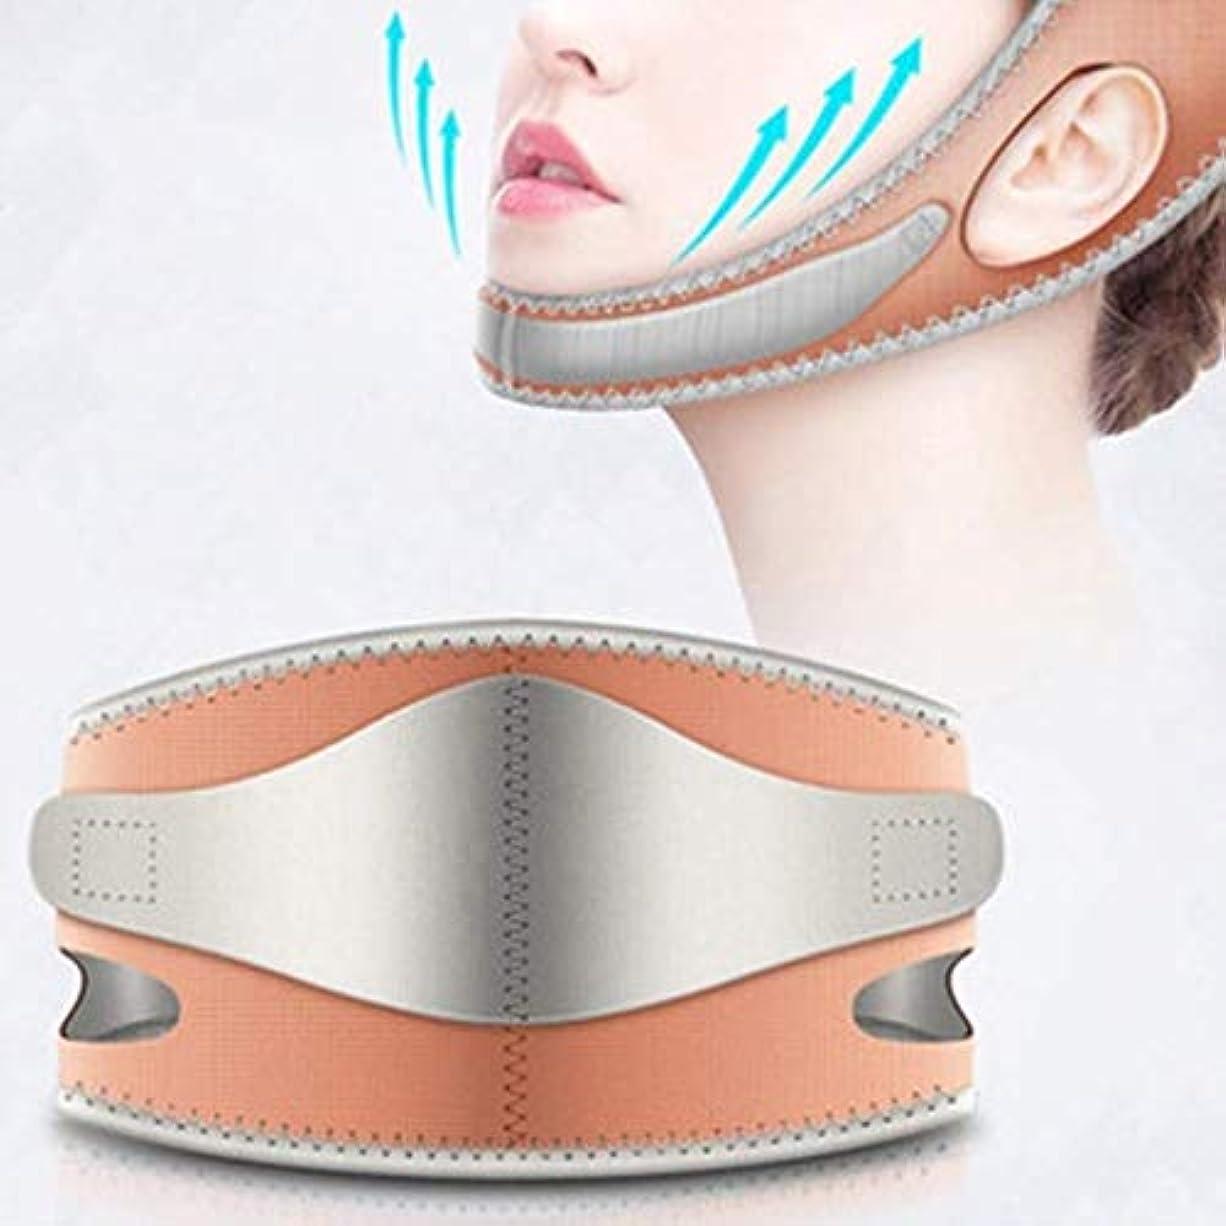 タンクエージェント見せますフェイスリフティング痩身Vフェイスマスクフルカバレッジ包帯減らす顔の二重あごケア減量美容ベルト通気性